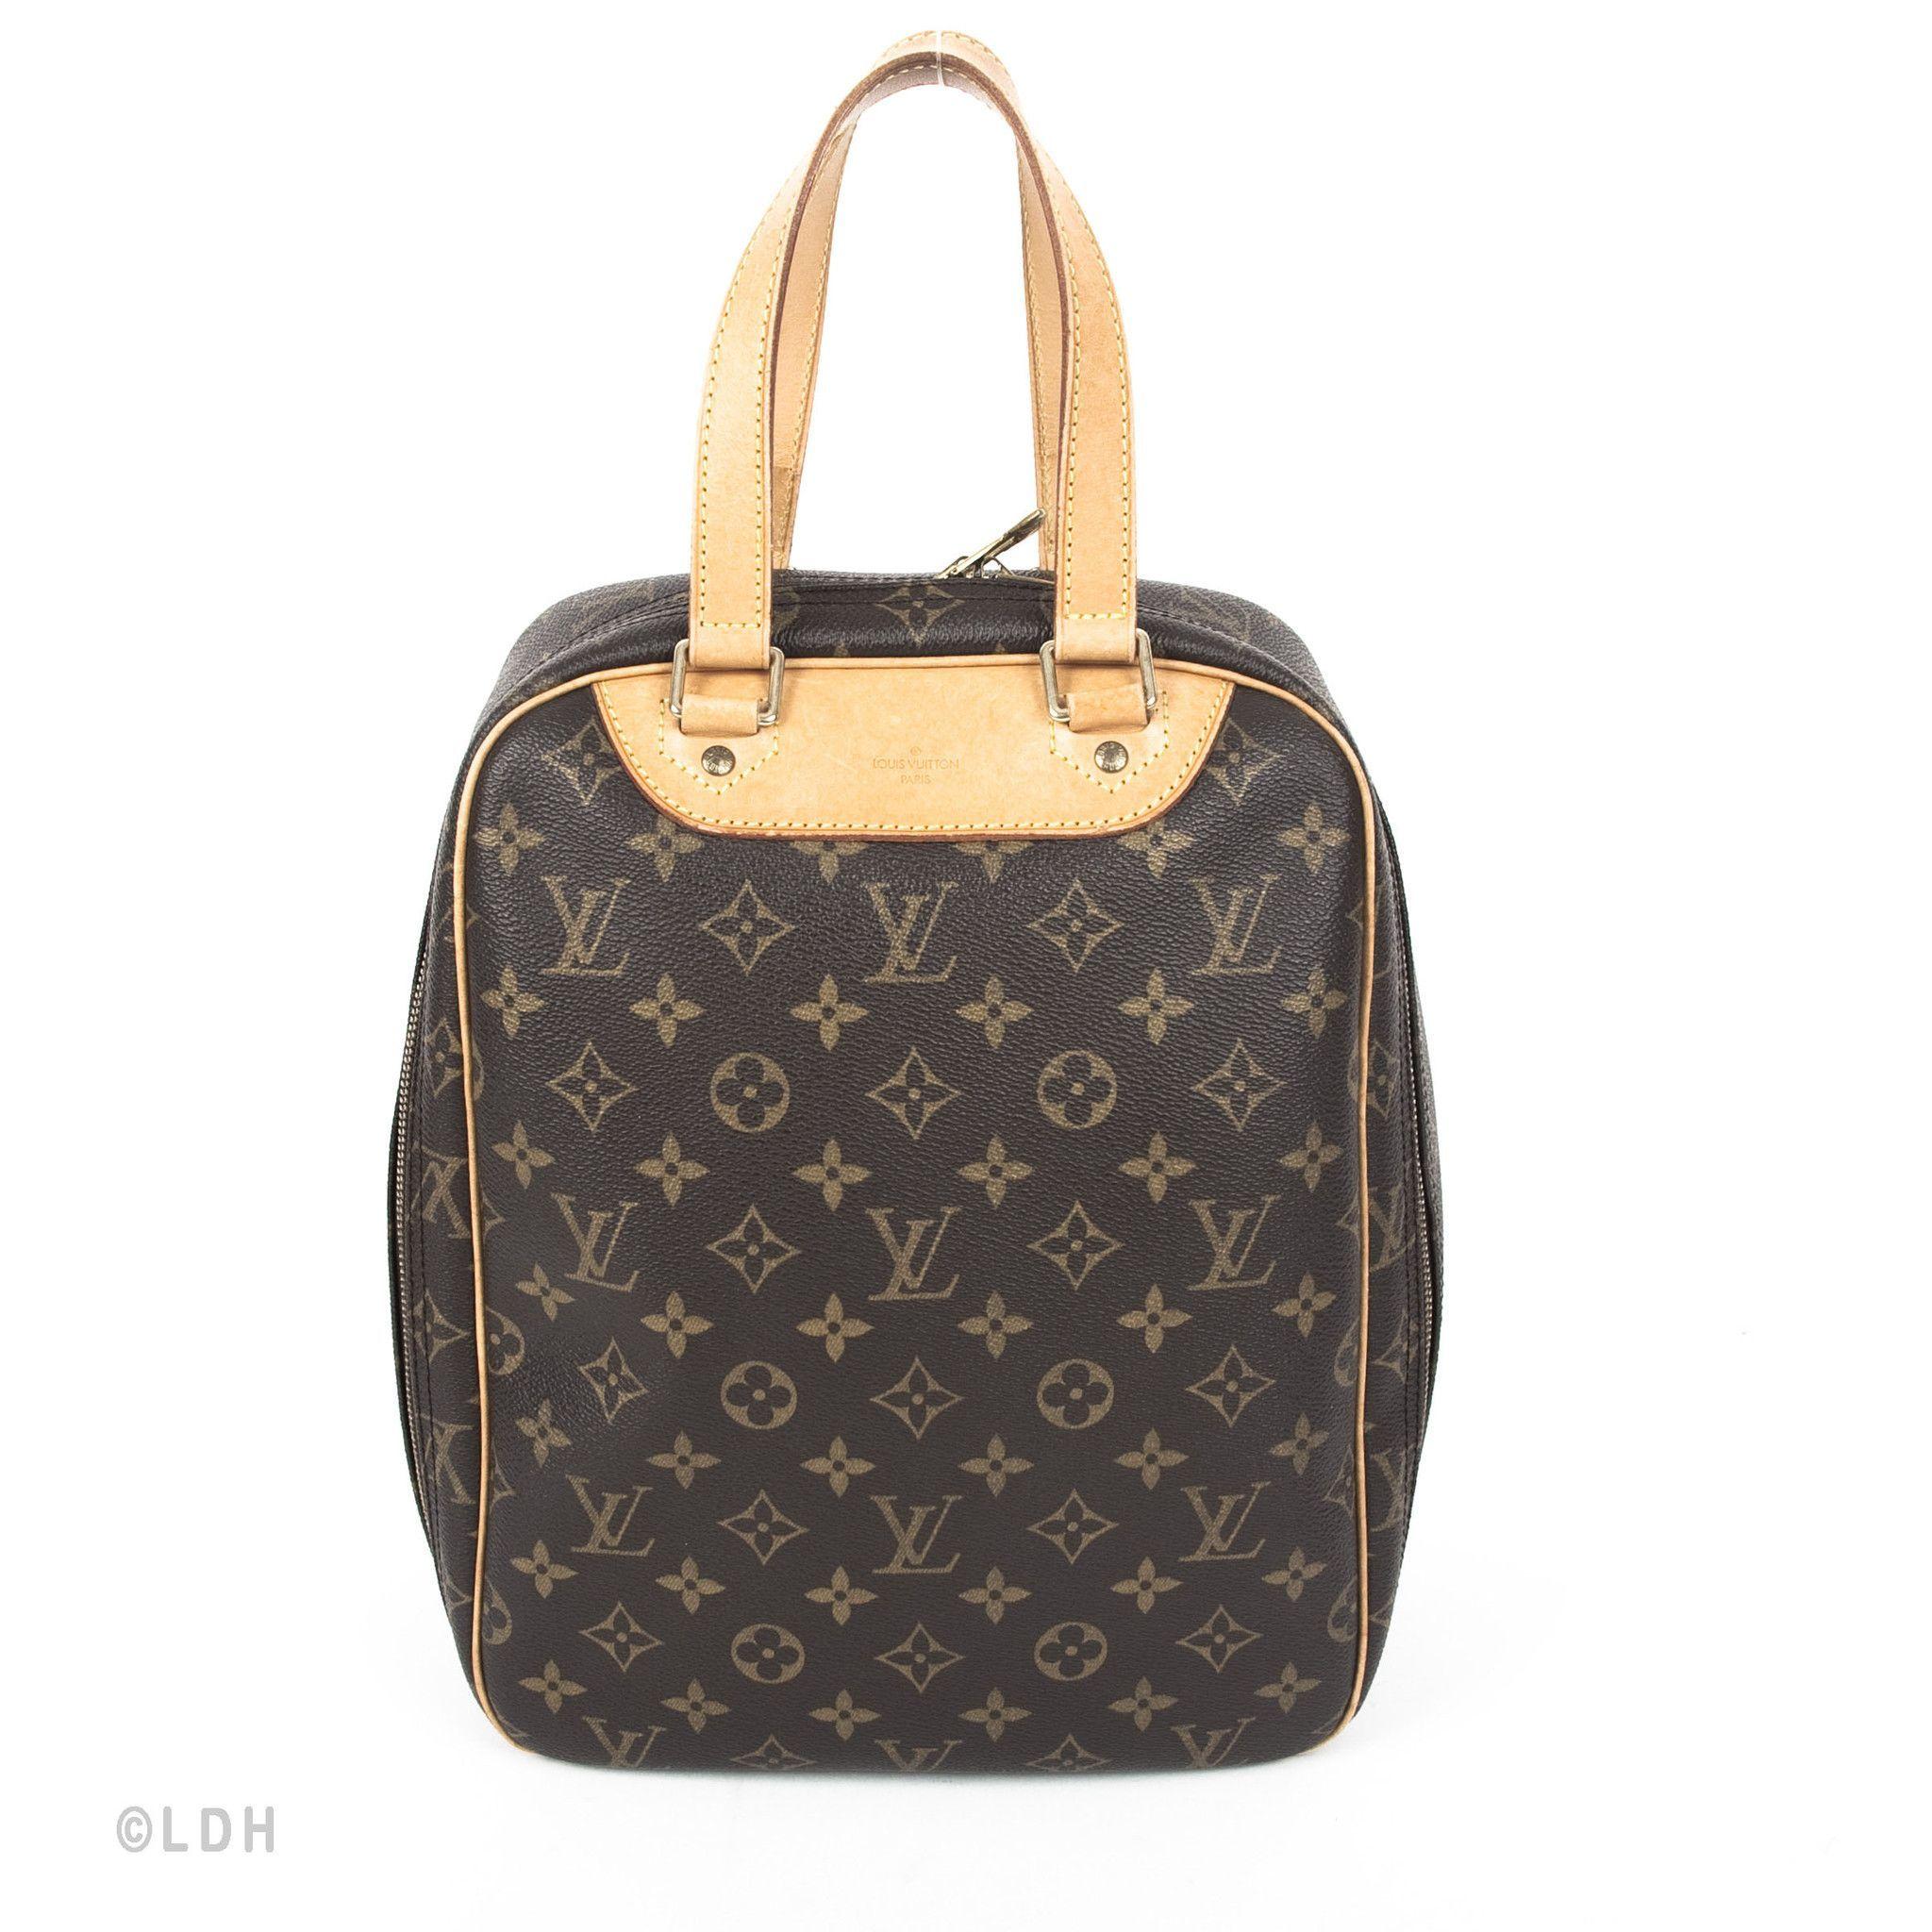 Louis Vuitton Sac Excursion Bag Authentic Pre Owned